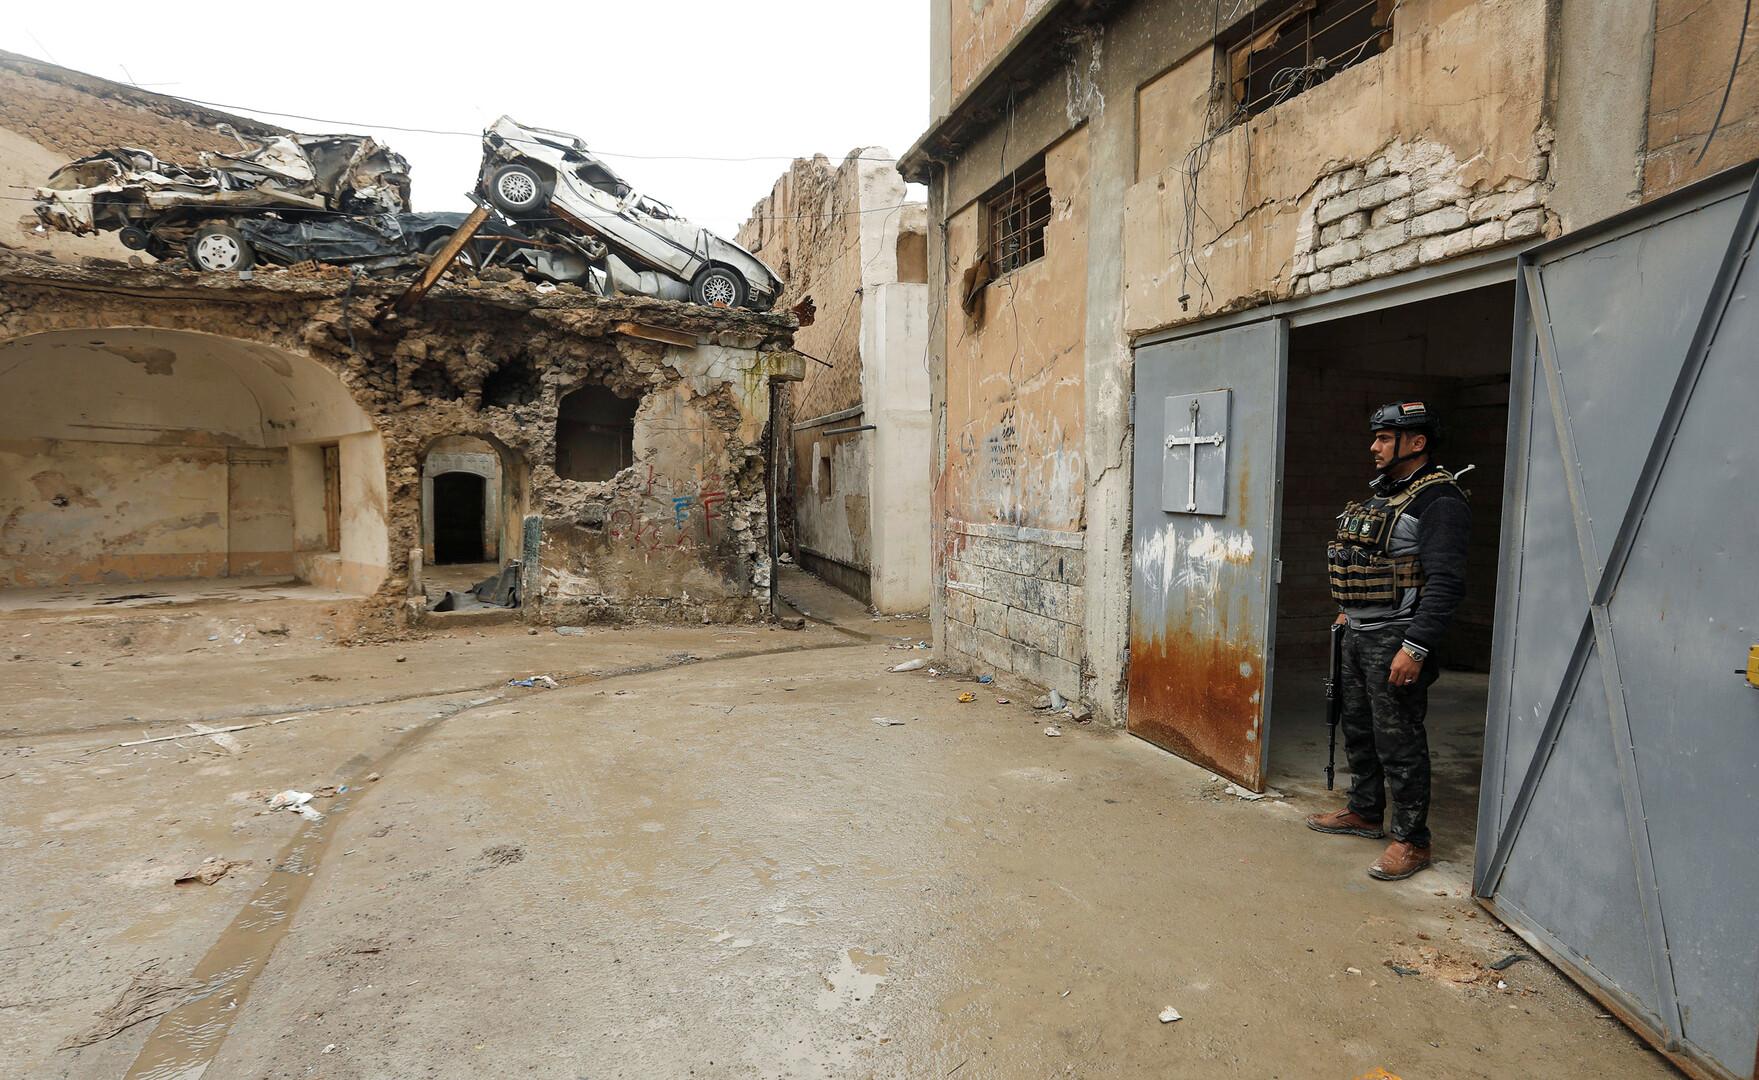 مقتل عسكريين اثنين أثناء تفكيك عبوات ناسفة في منزل غربي مدينة الموصل